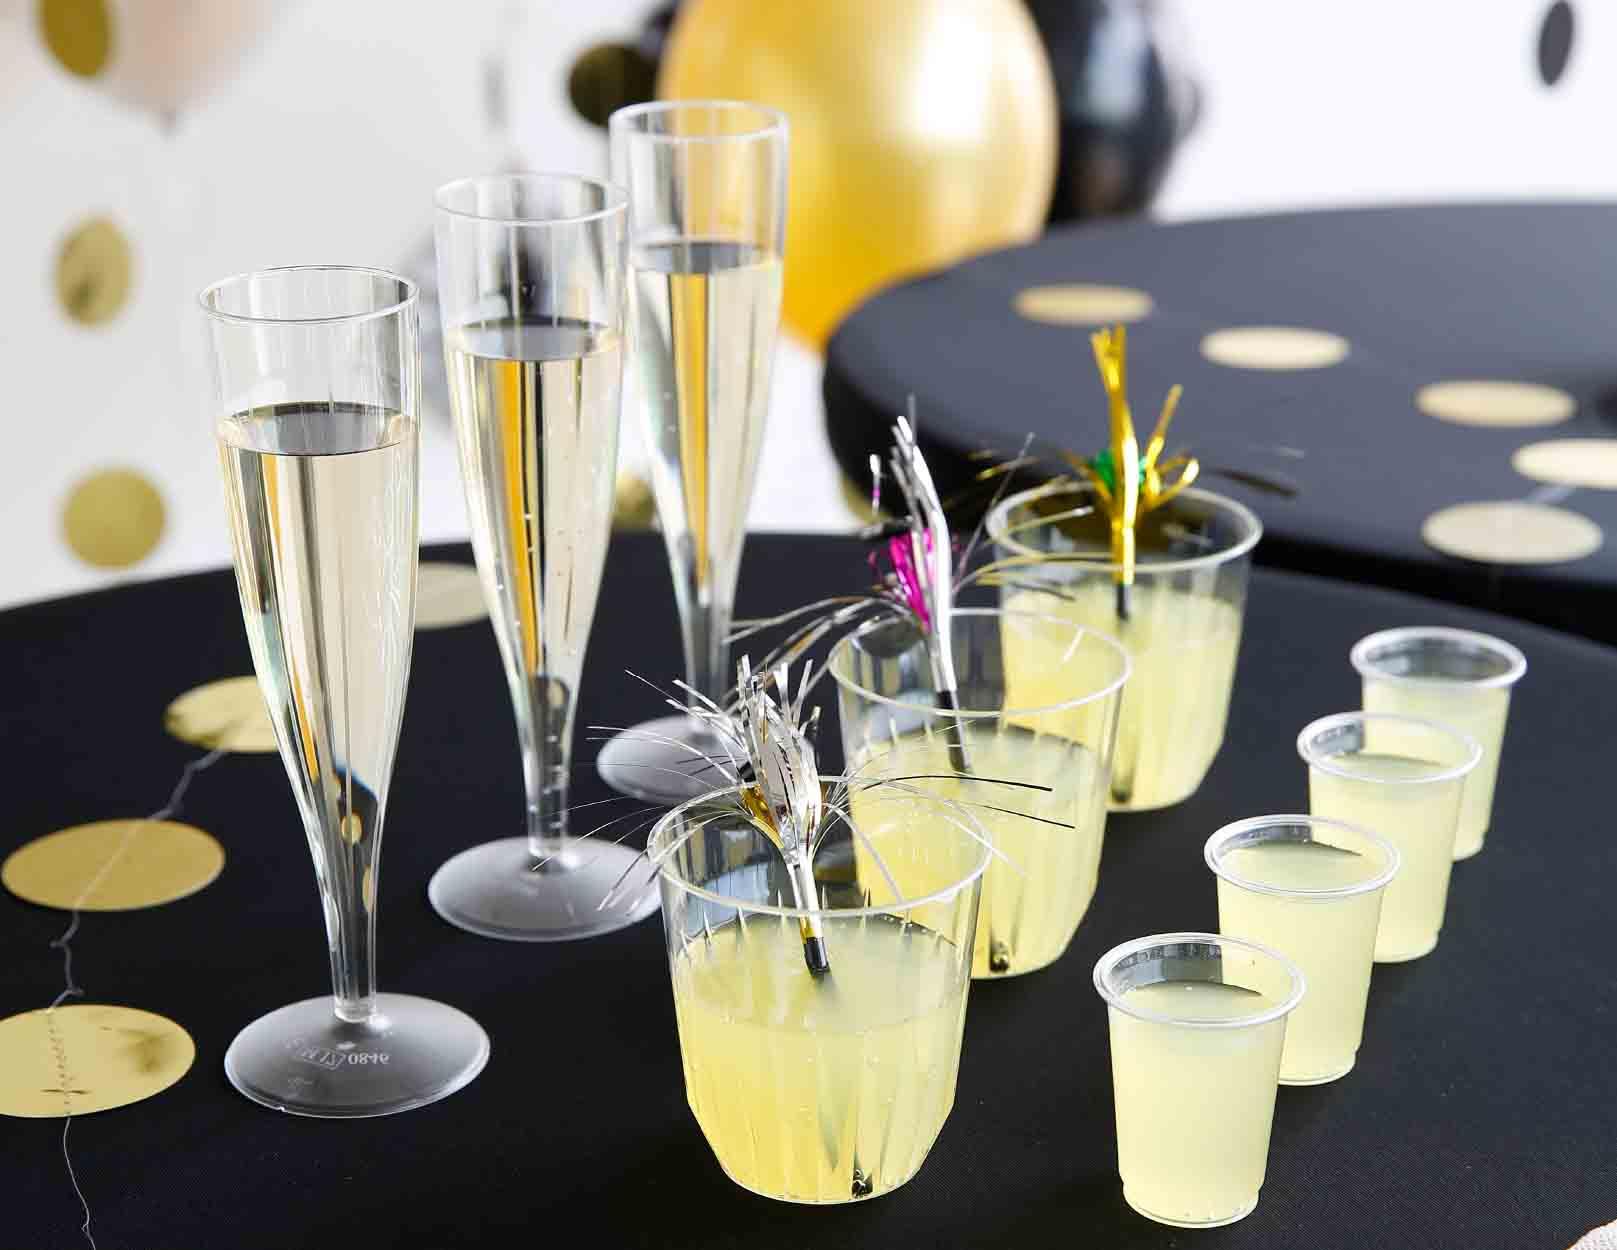 nieuwjaarsreceptie glazen